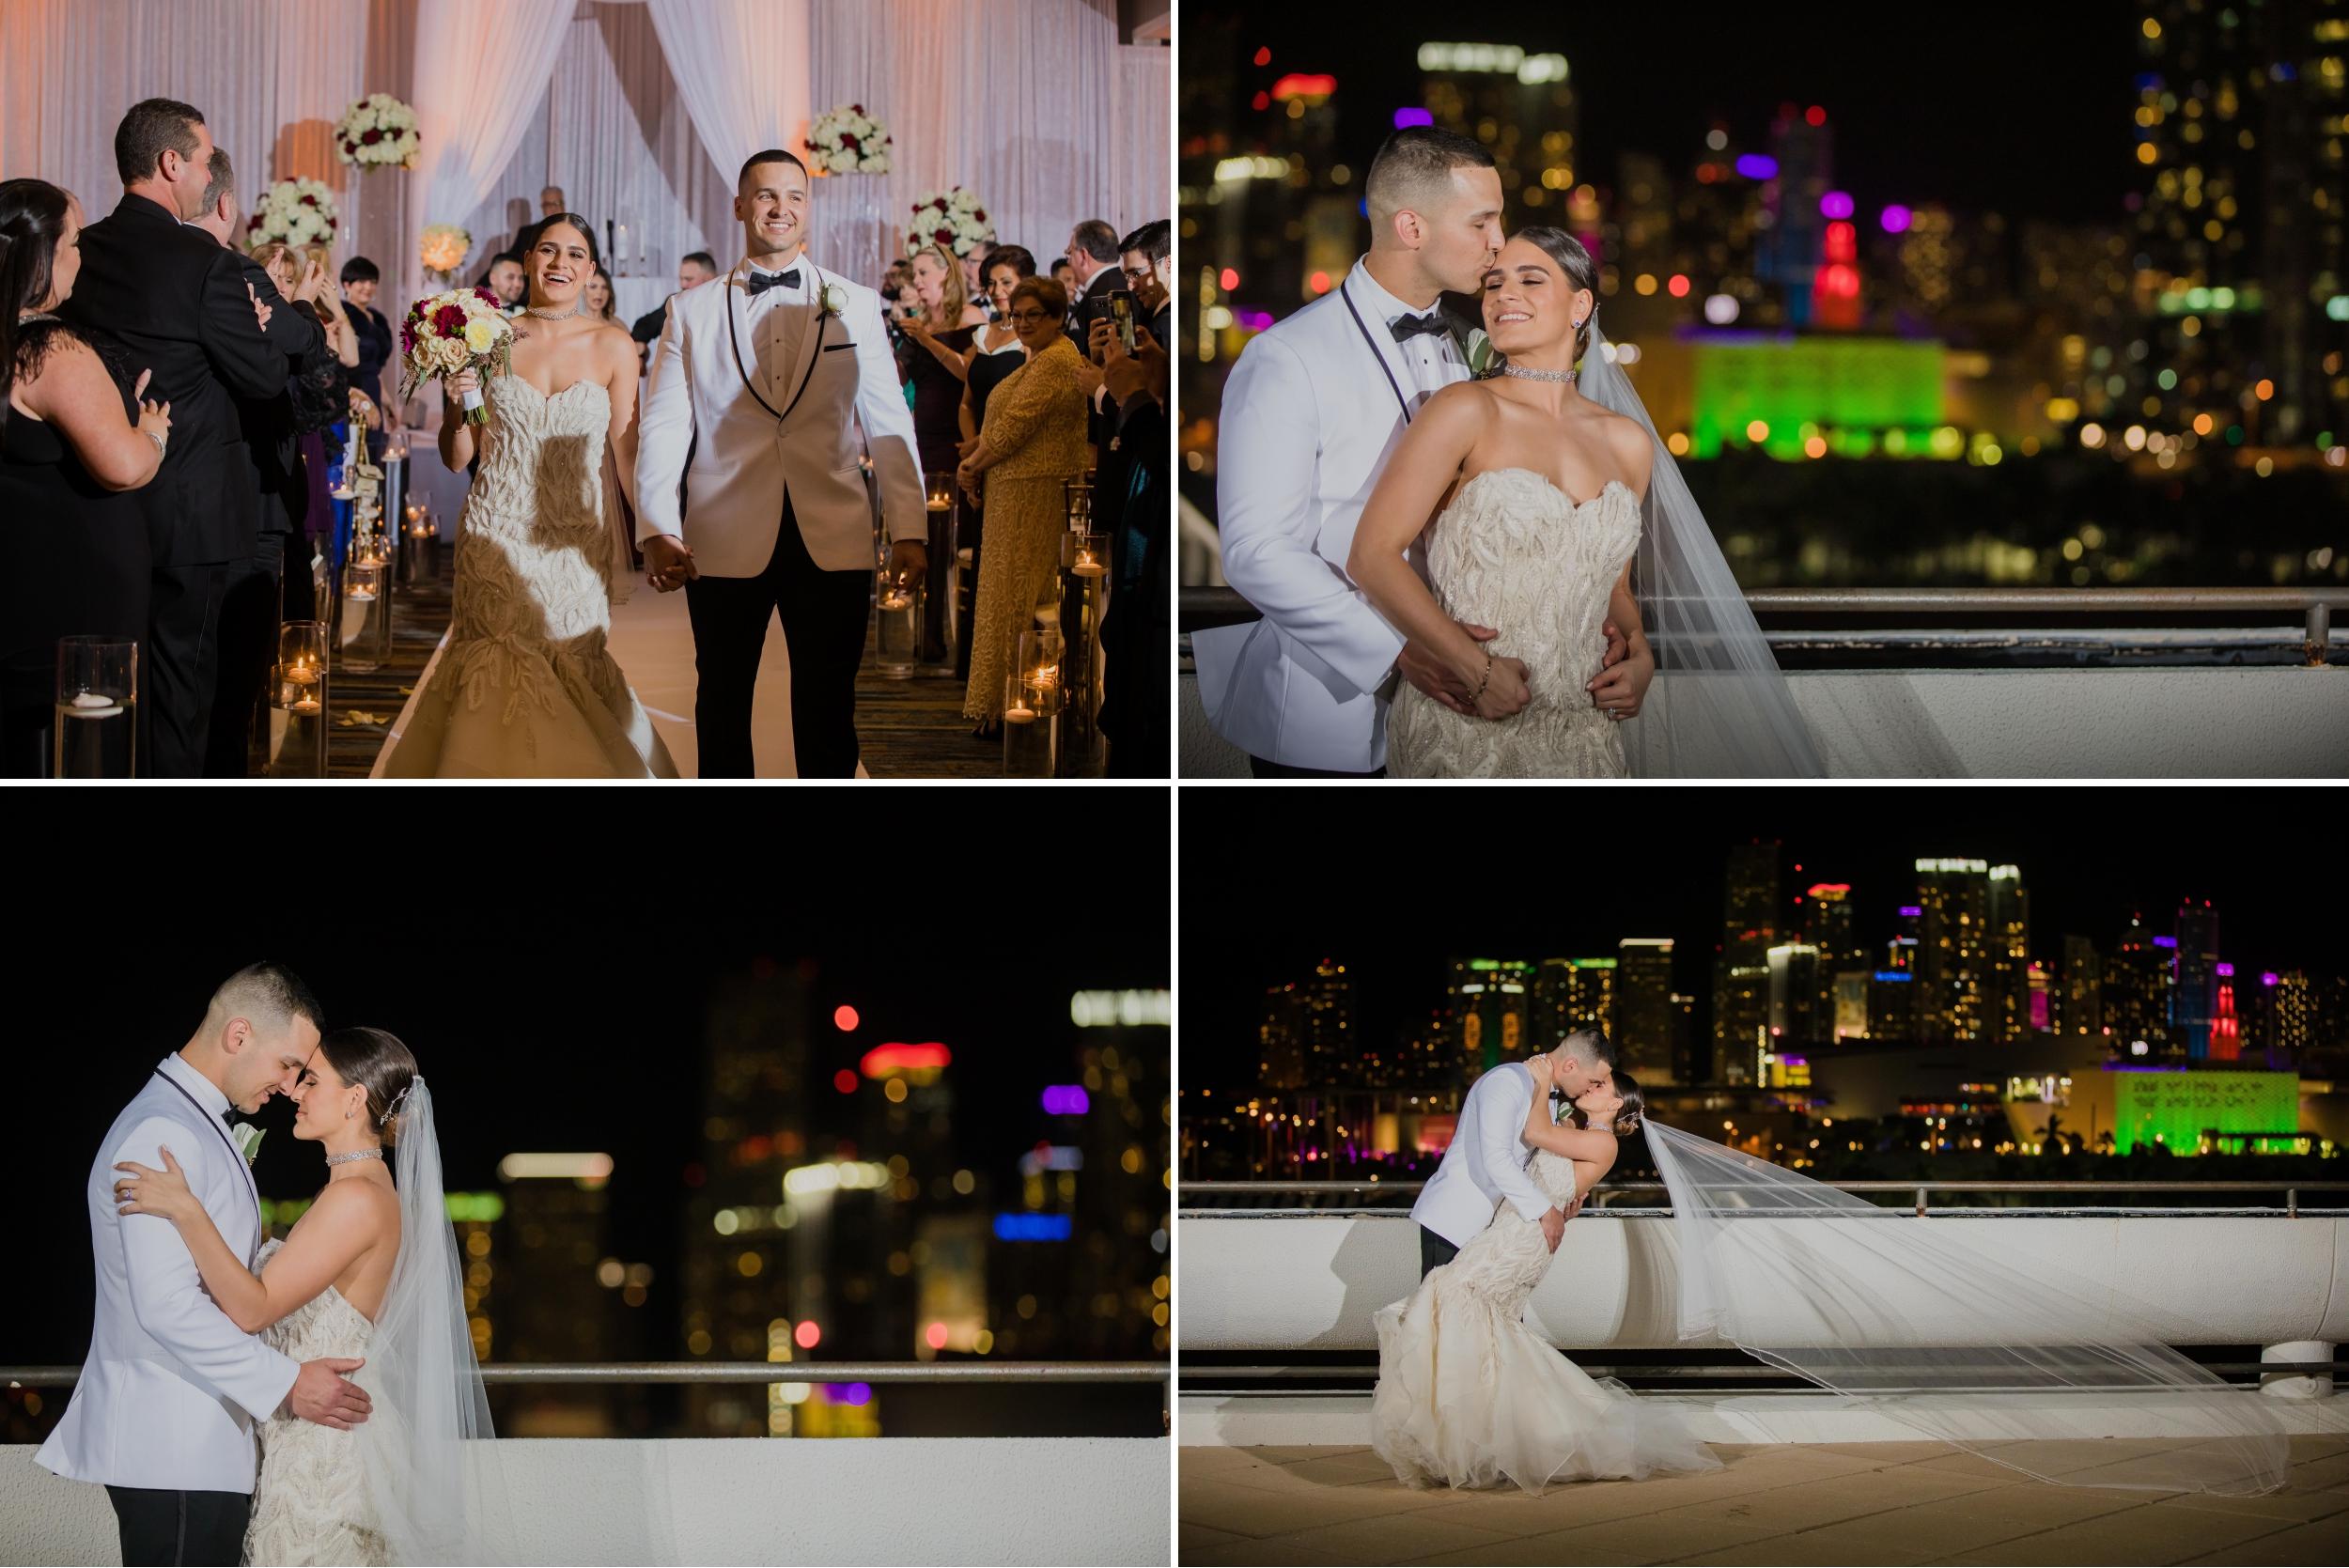 Wedding Biscayne Bay Marriott - Cassie and Jose 11.jpg